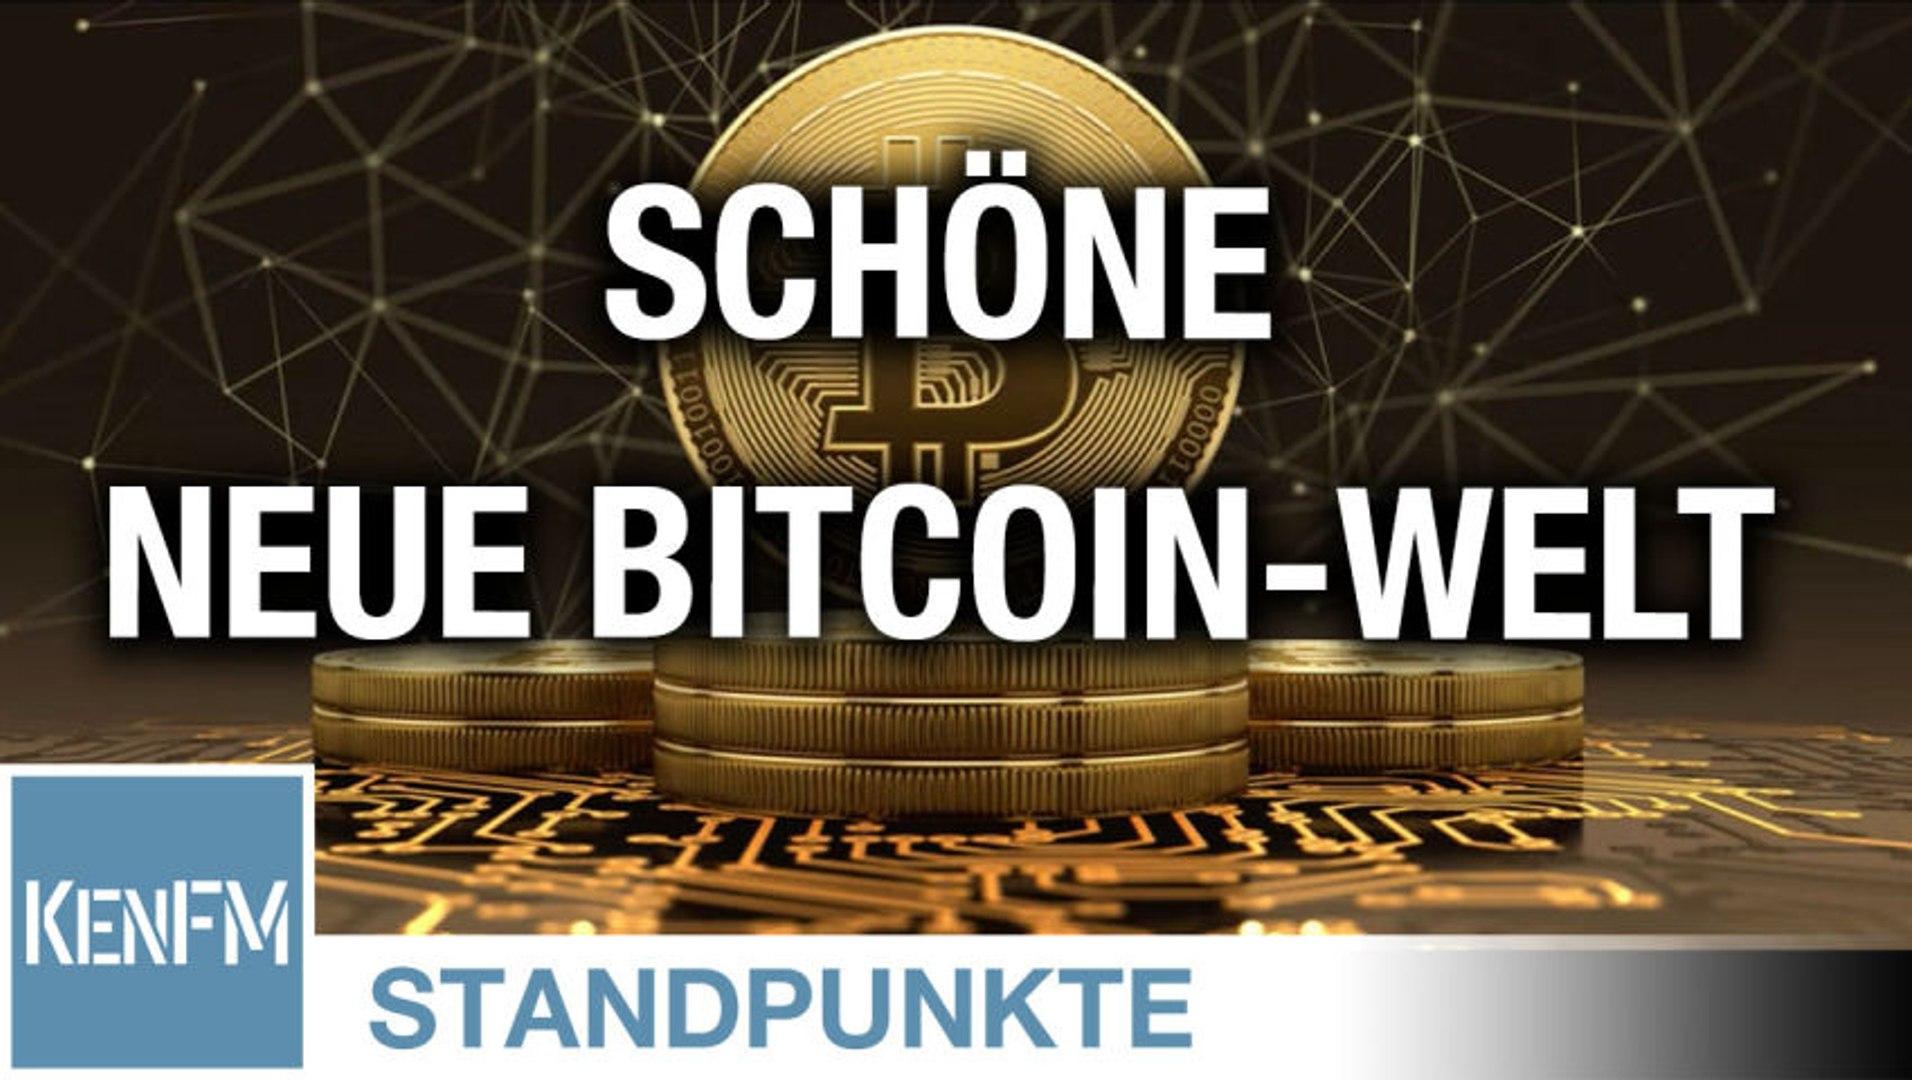 Schöne neue Bitcoin-Welt